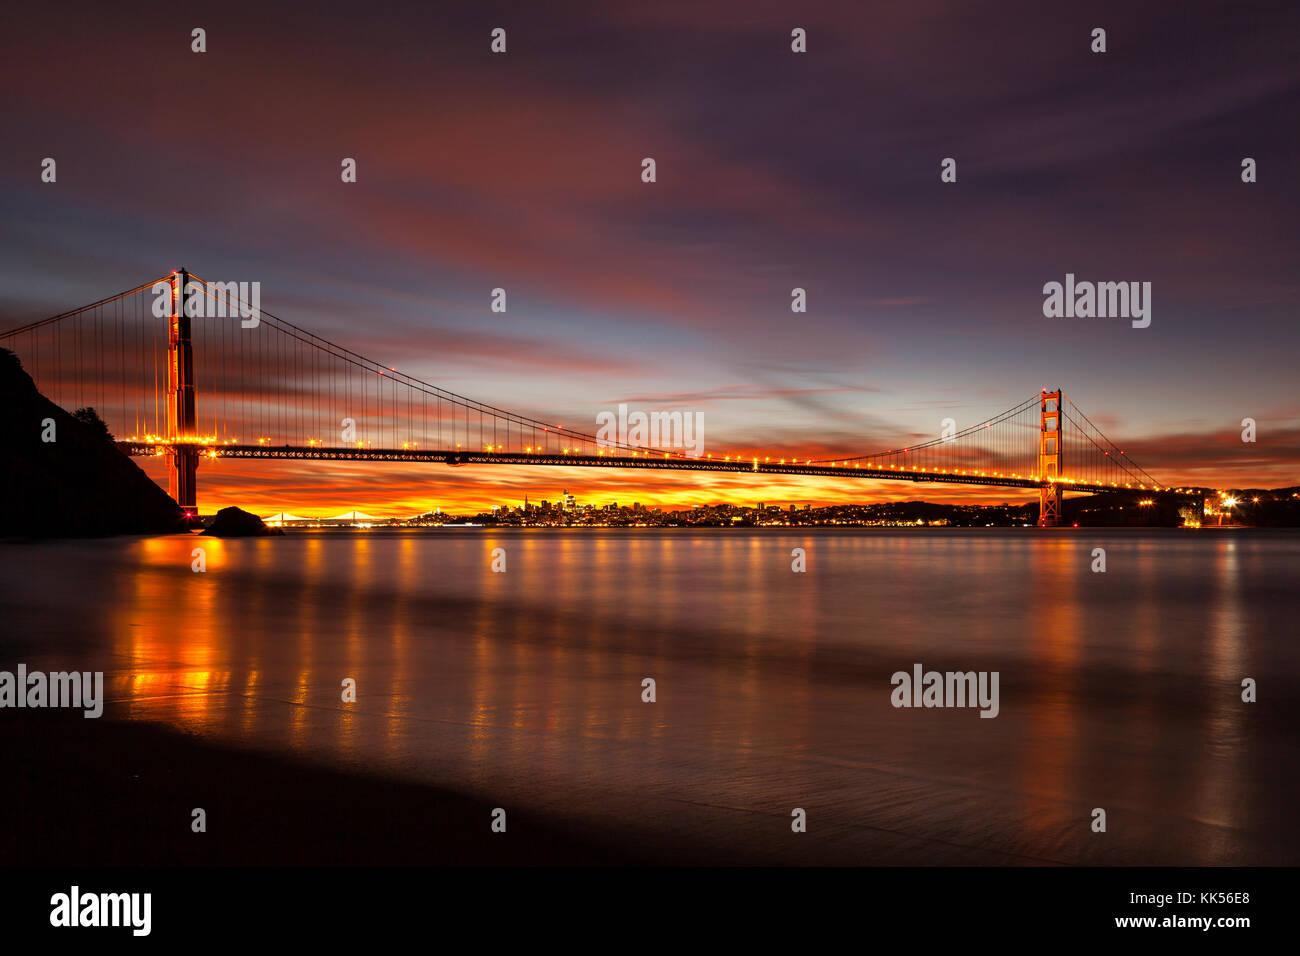 Puente Golden Gate de San Francisco y al amanecer visto desde Kirby Cove. Imagen De Stock